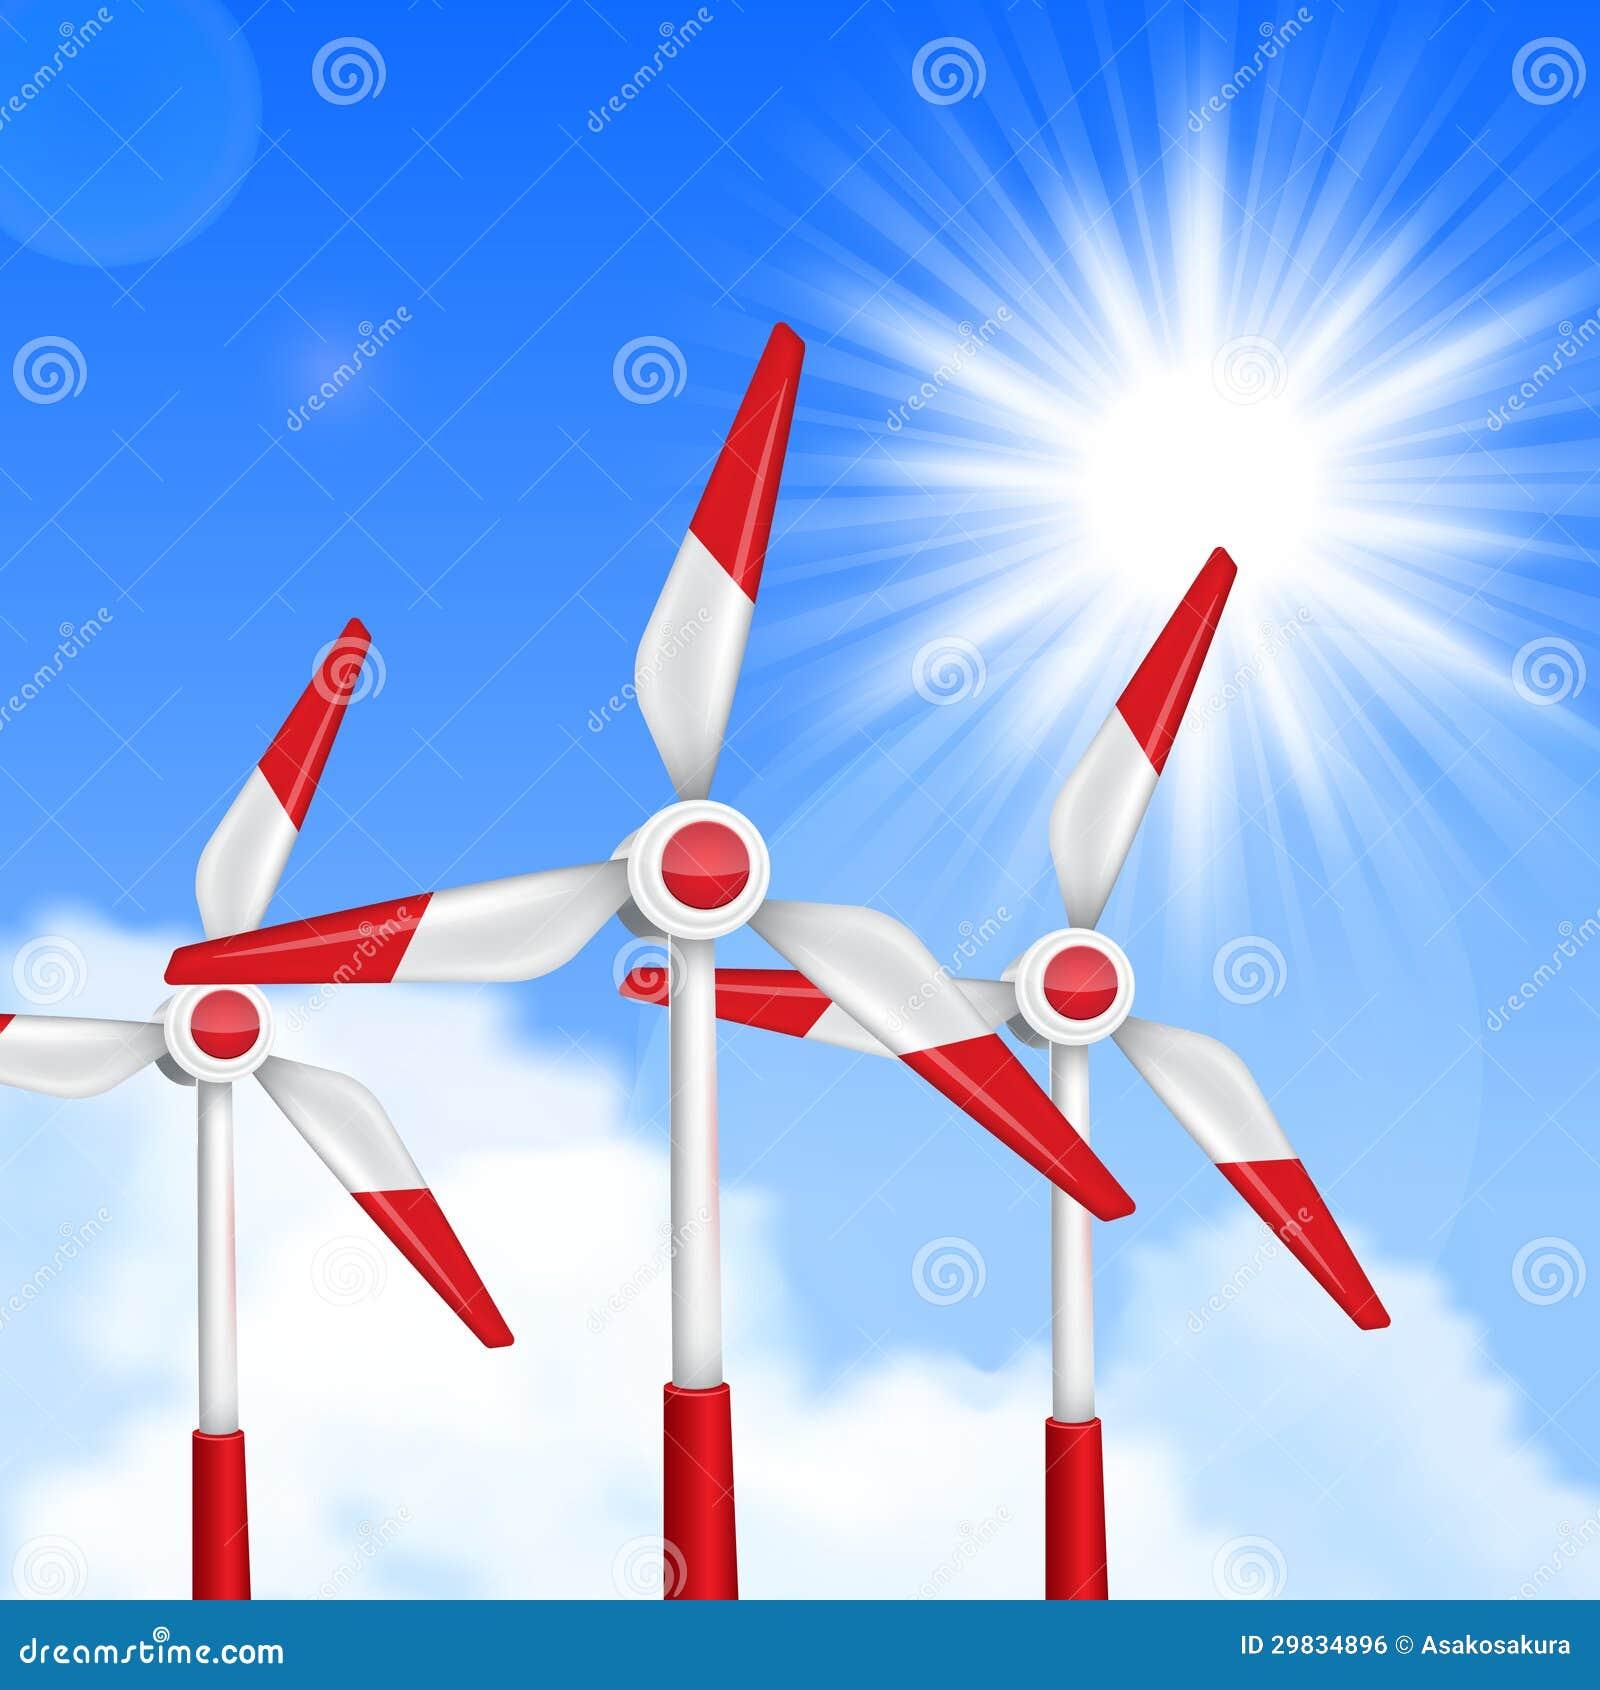 Enrole os geradores conduzidos, turbinas sobre o céu azul